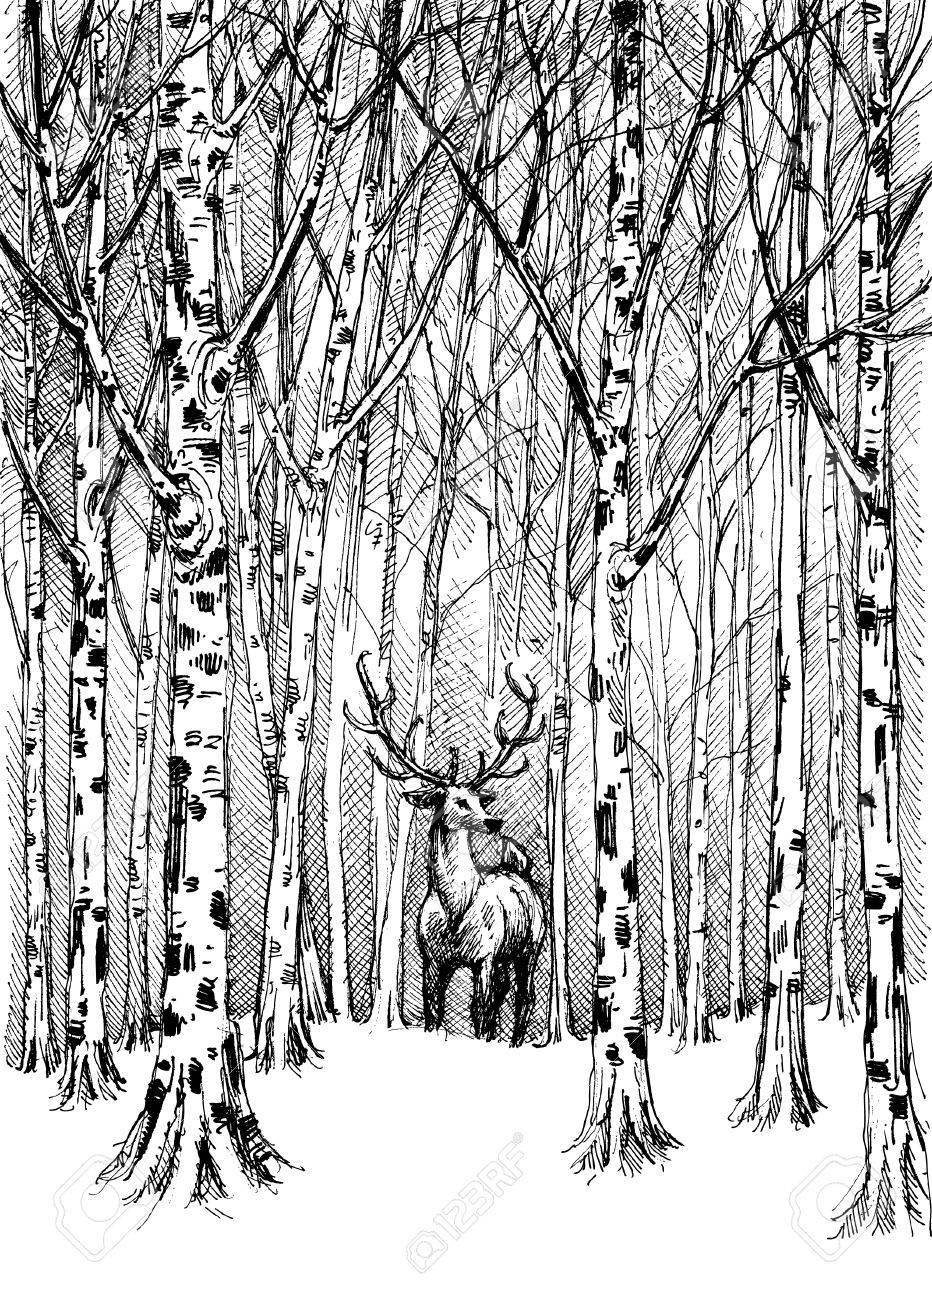 Dessin De Carbone De La Faune. Cerf Dans La Forêt D'hiver avec Dessin De Foret